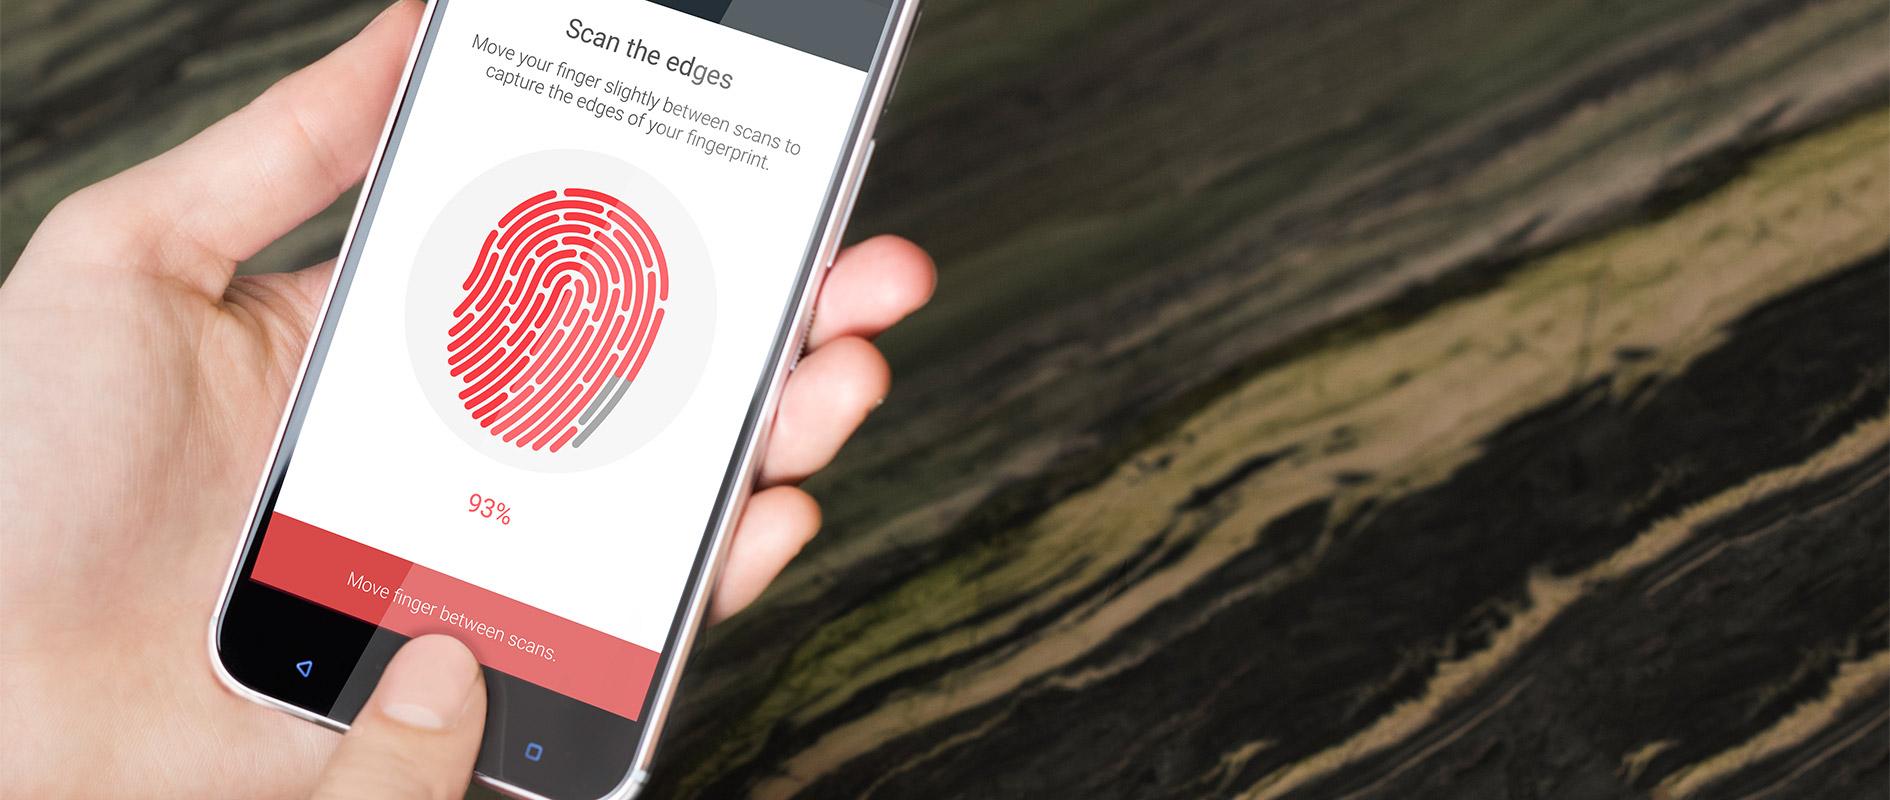 HTC 10 fingerprint scanner